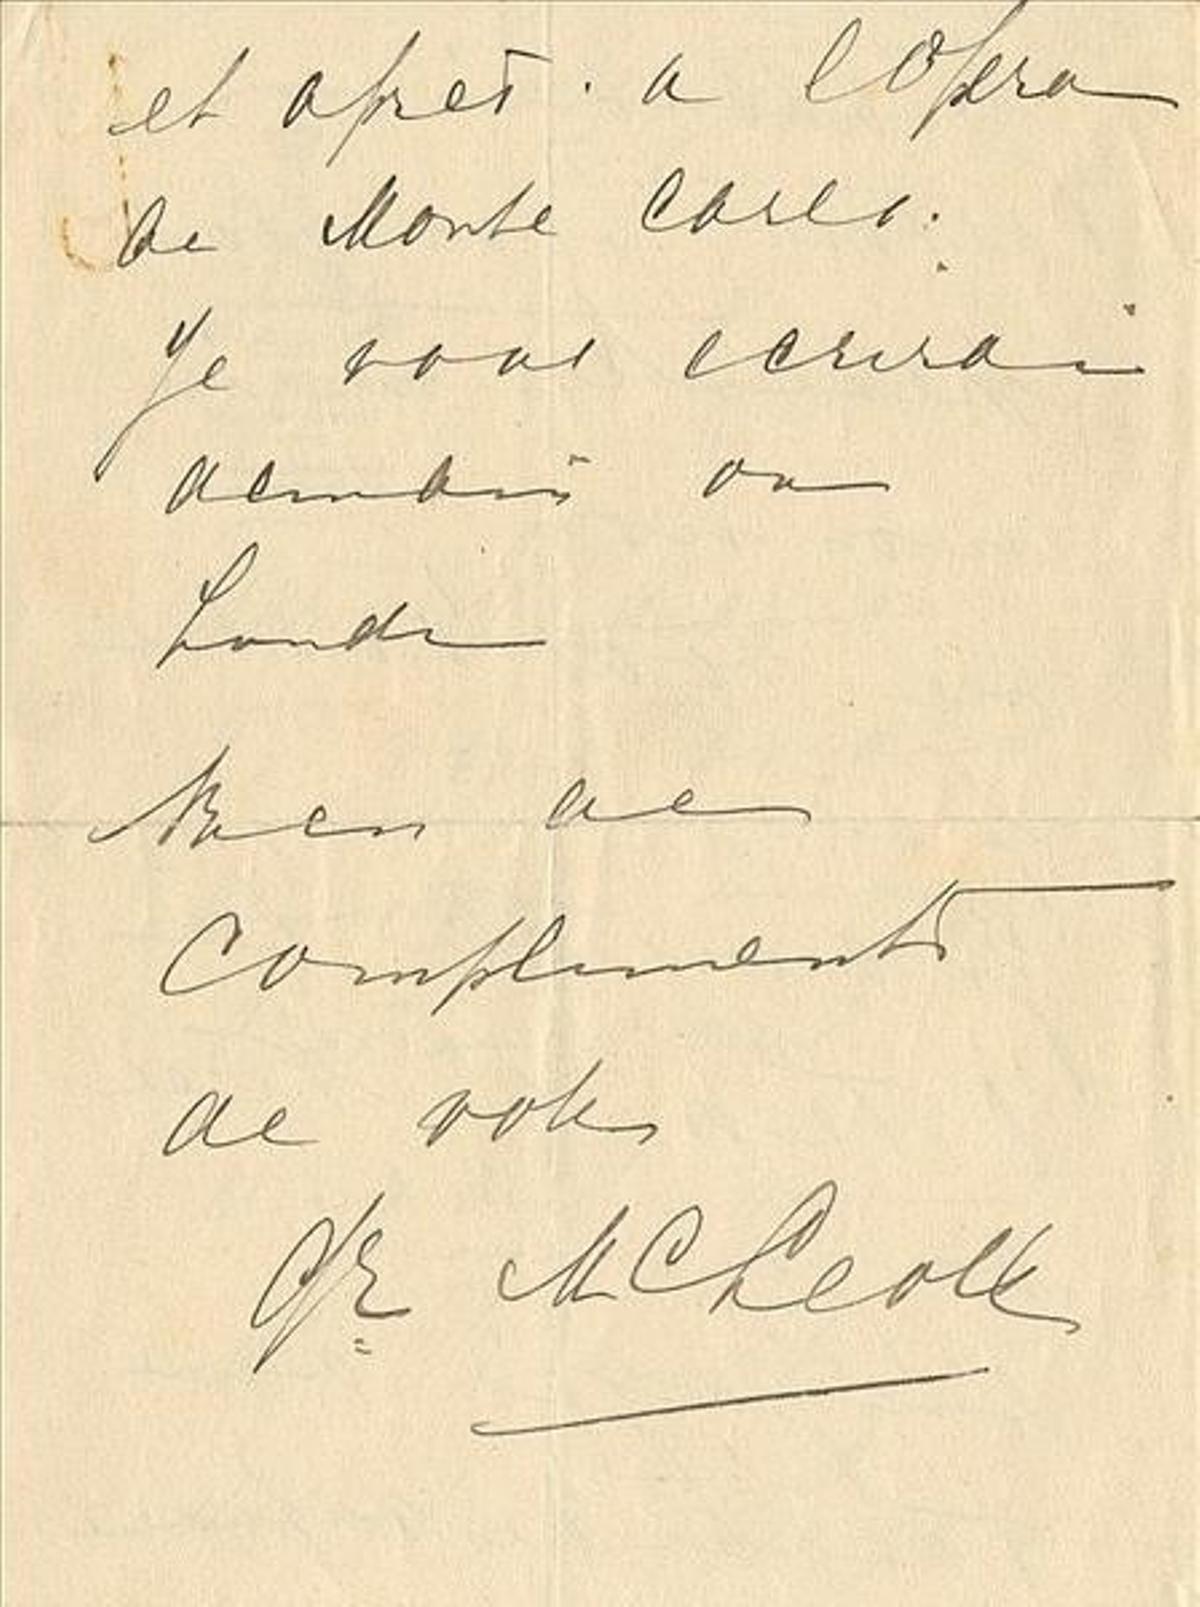 La última página, con la firma de espía, actriz y cortesana, con su nombre de casada.